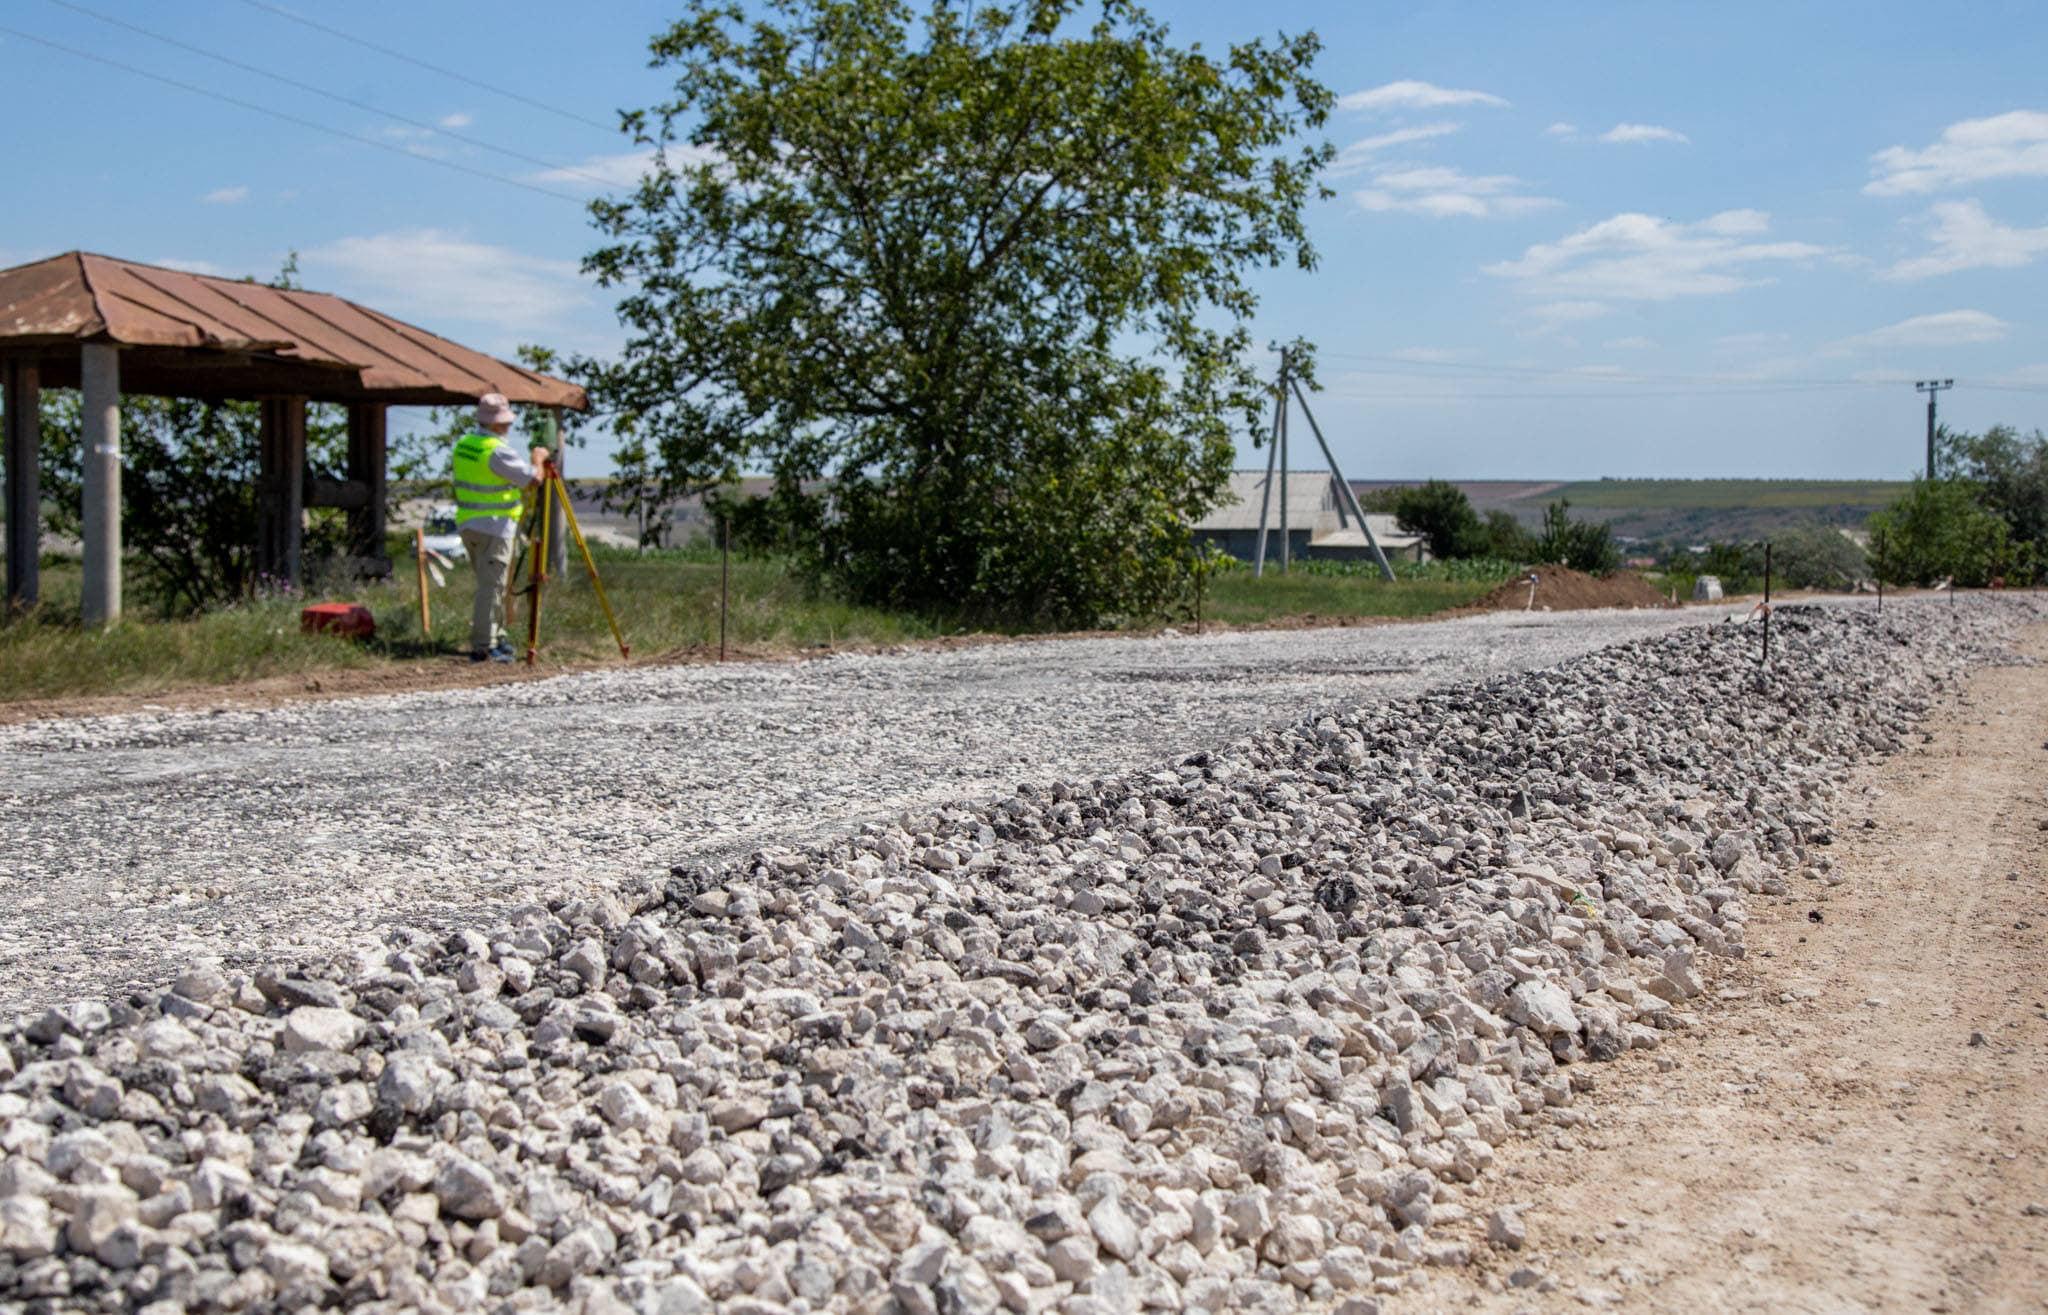 Президент предупредил подрядчиков: Низкое качество работ может привести к разрыву контракта без выплаты денег! (ФОТО, ВИДЕО)